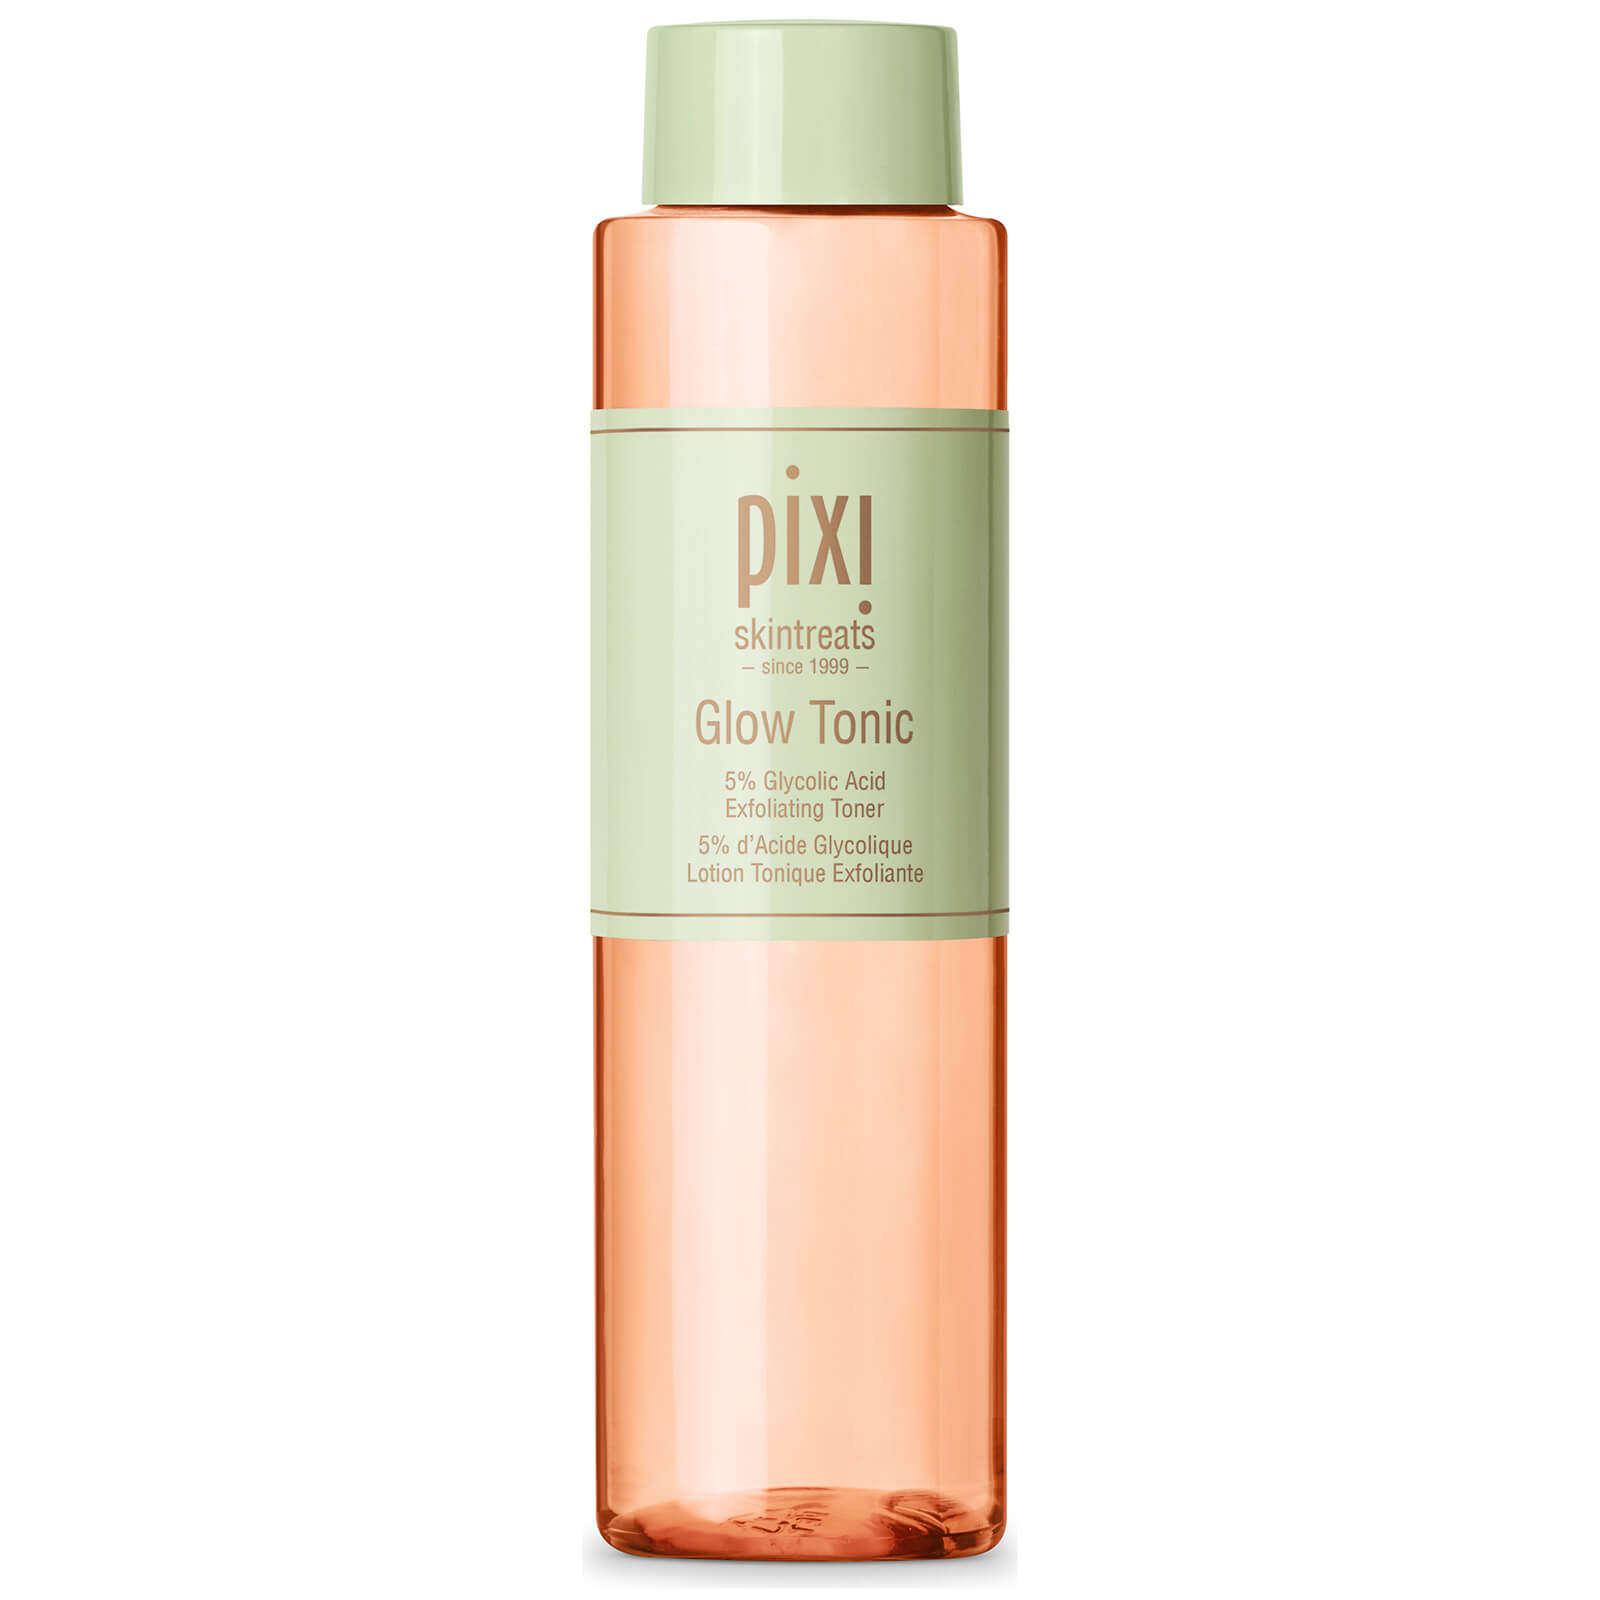 Pixi Glow Tonic 醒肤人参清洁爽肤水 250ml £12.6(约115元)